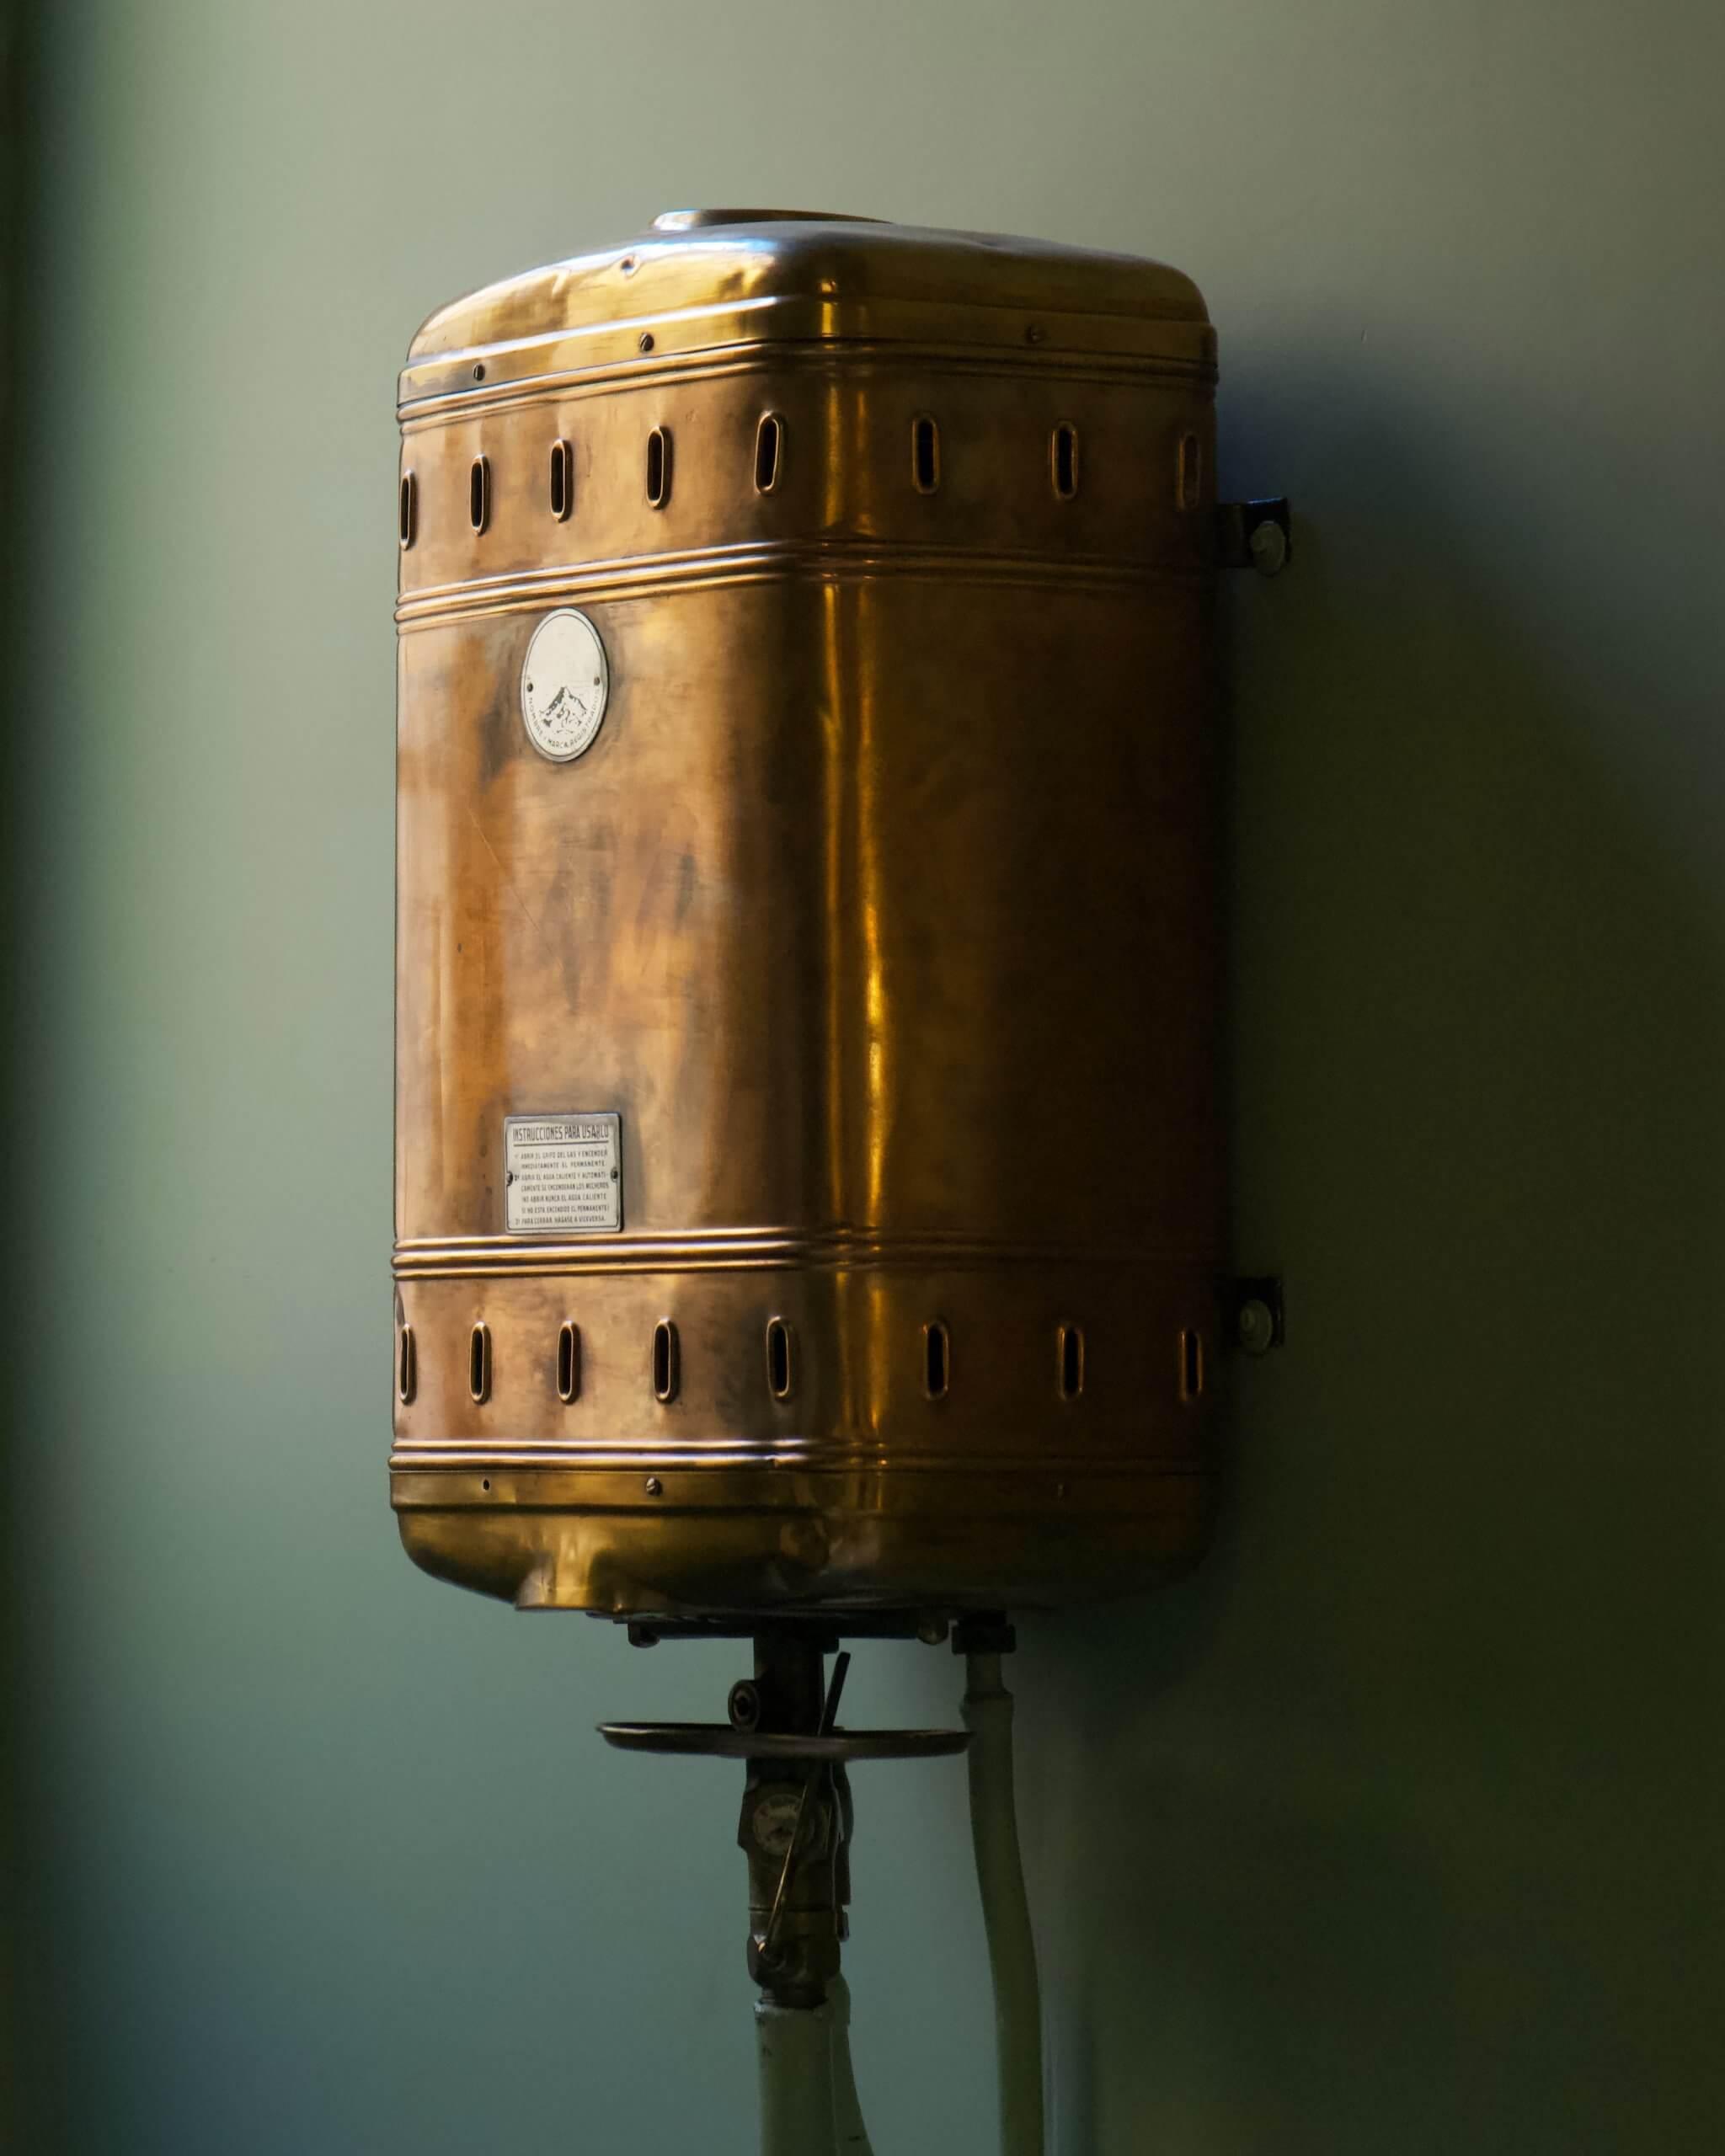 Objavljen poziv za sufinanciranje kupnje kondenzacijskog bojlera: Koliko iznosi fond i tko ima pravo na prijavu?